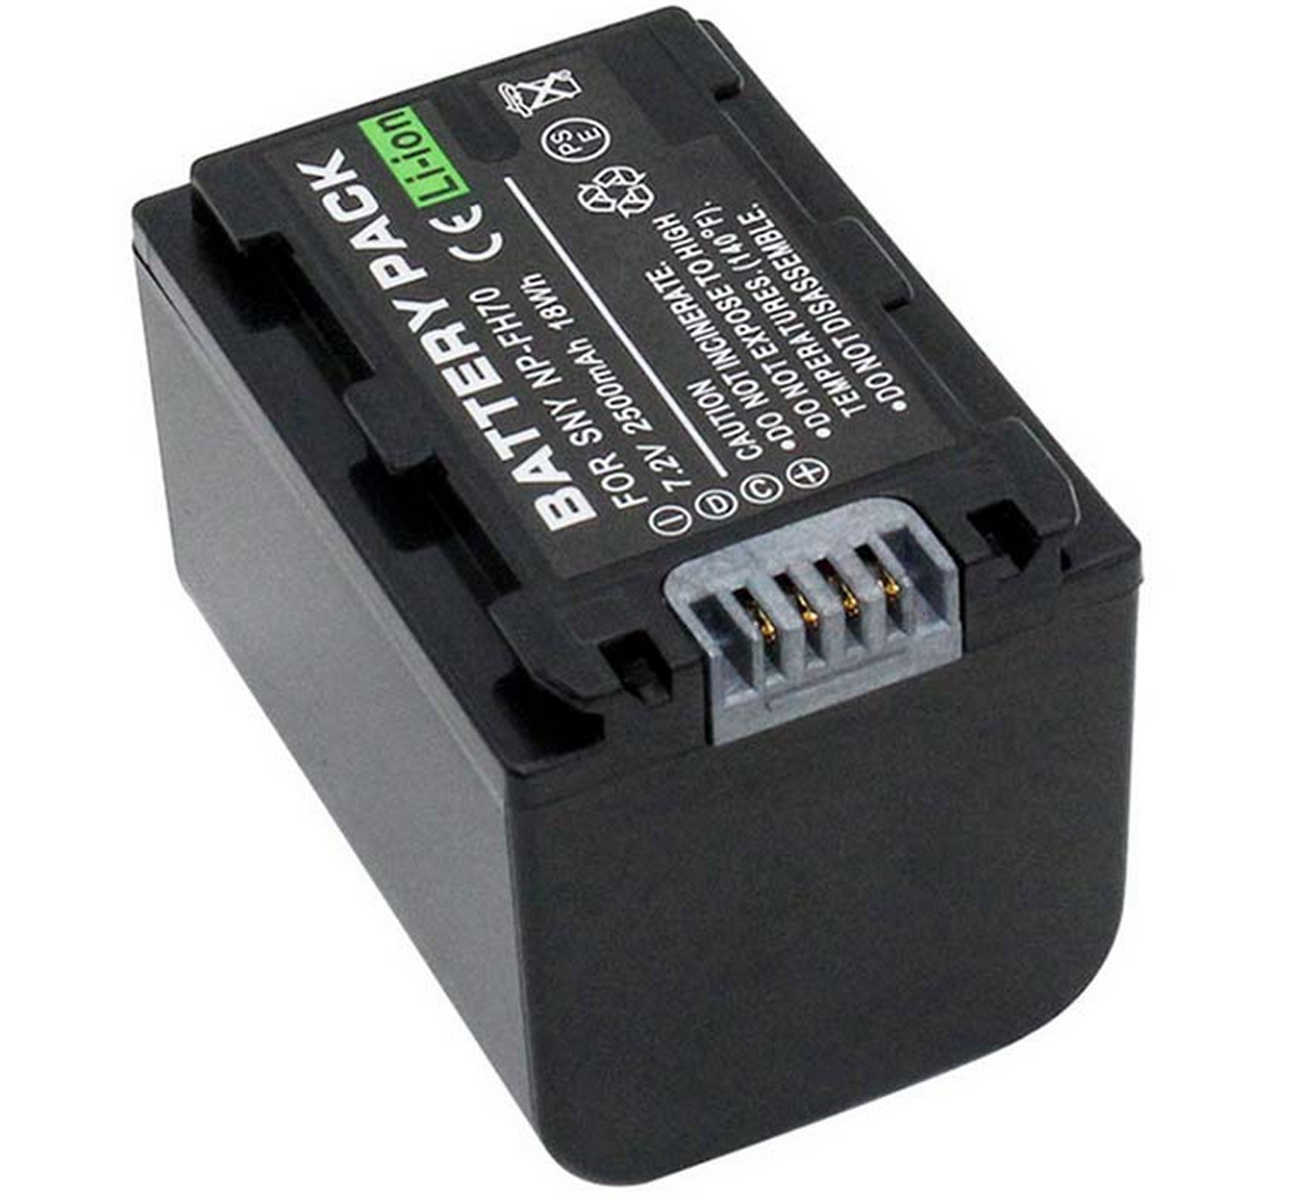 DCR-DVD115 Battery Pack for Sony DCR-DVD110 DCR-DVD150 Handycam Camcorder